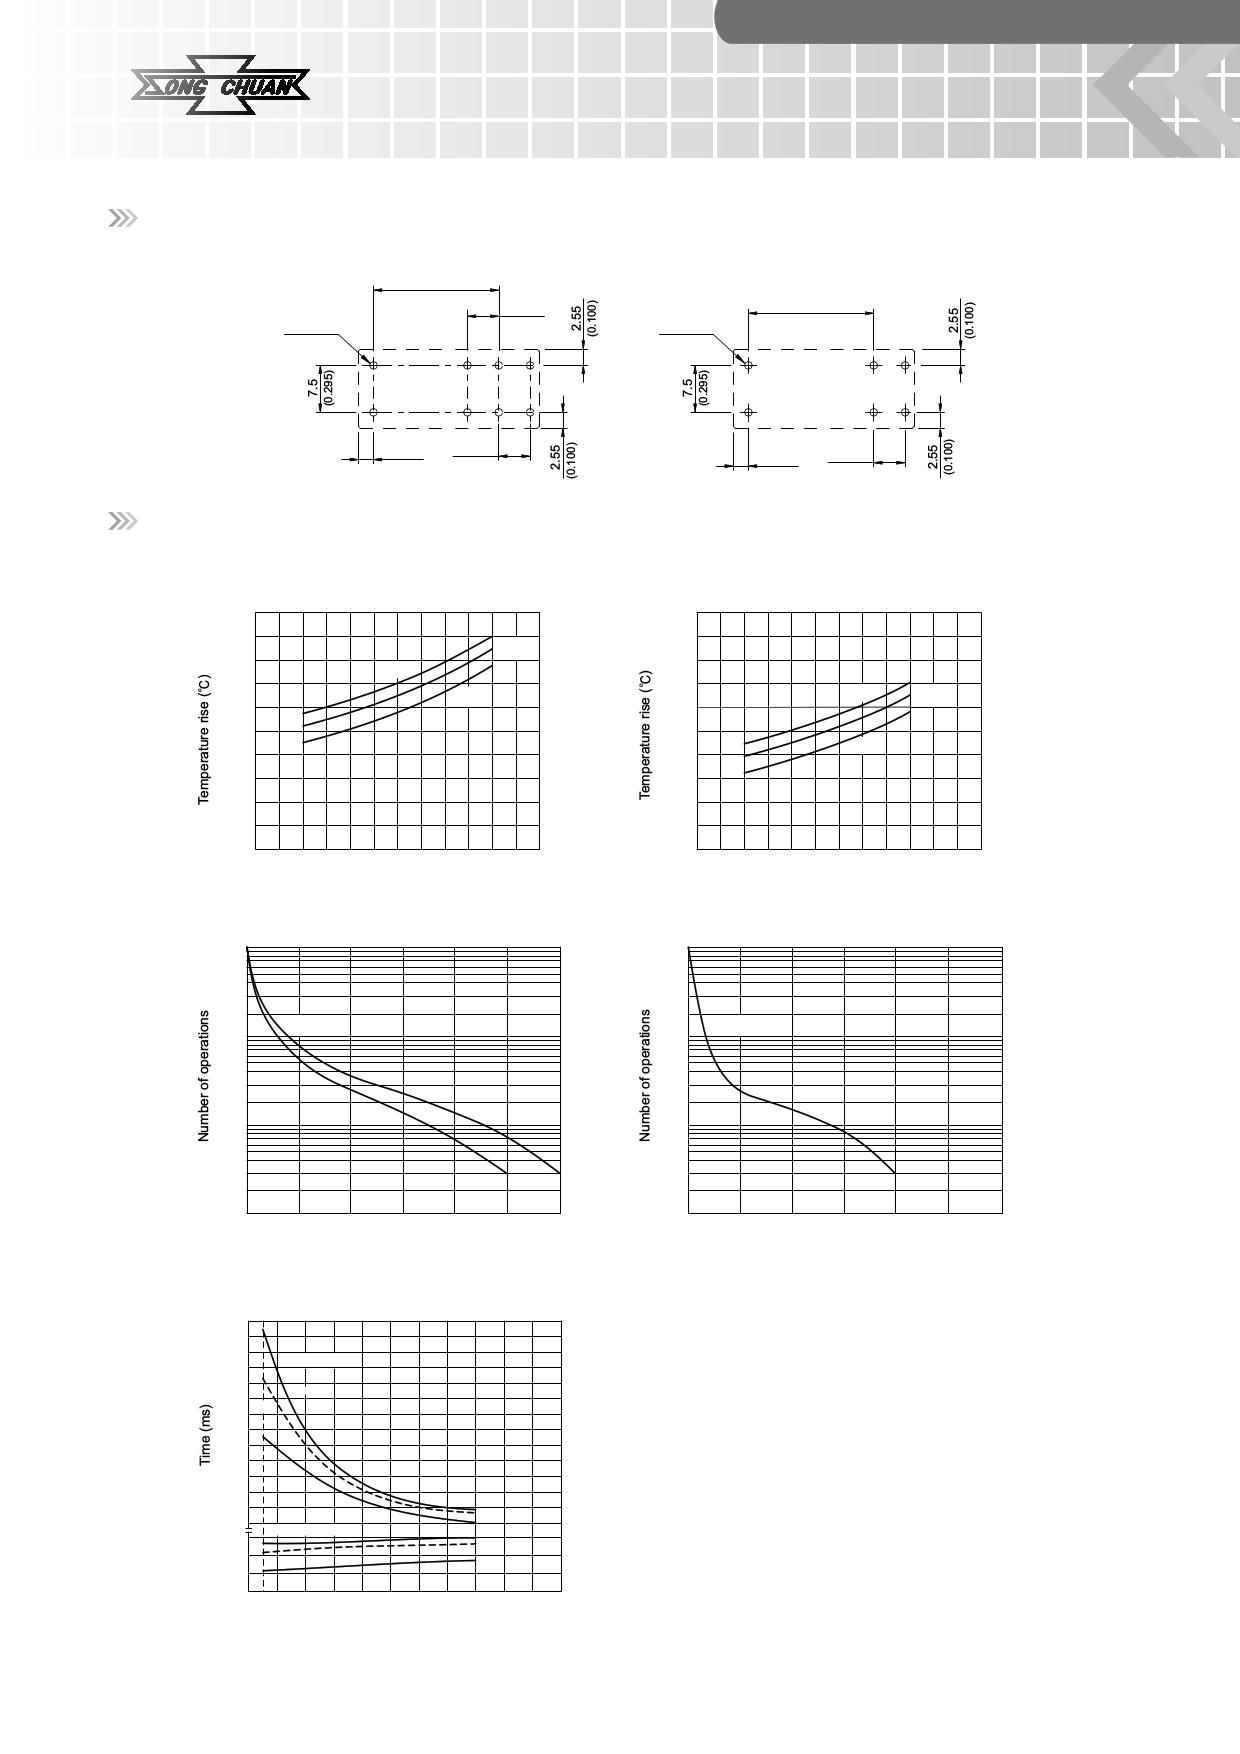 894-2ACA1-F-S 電子部品, 半導体